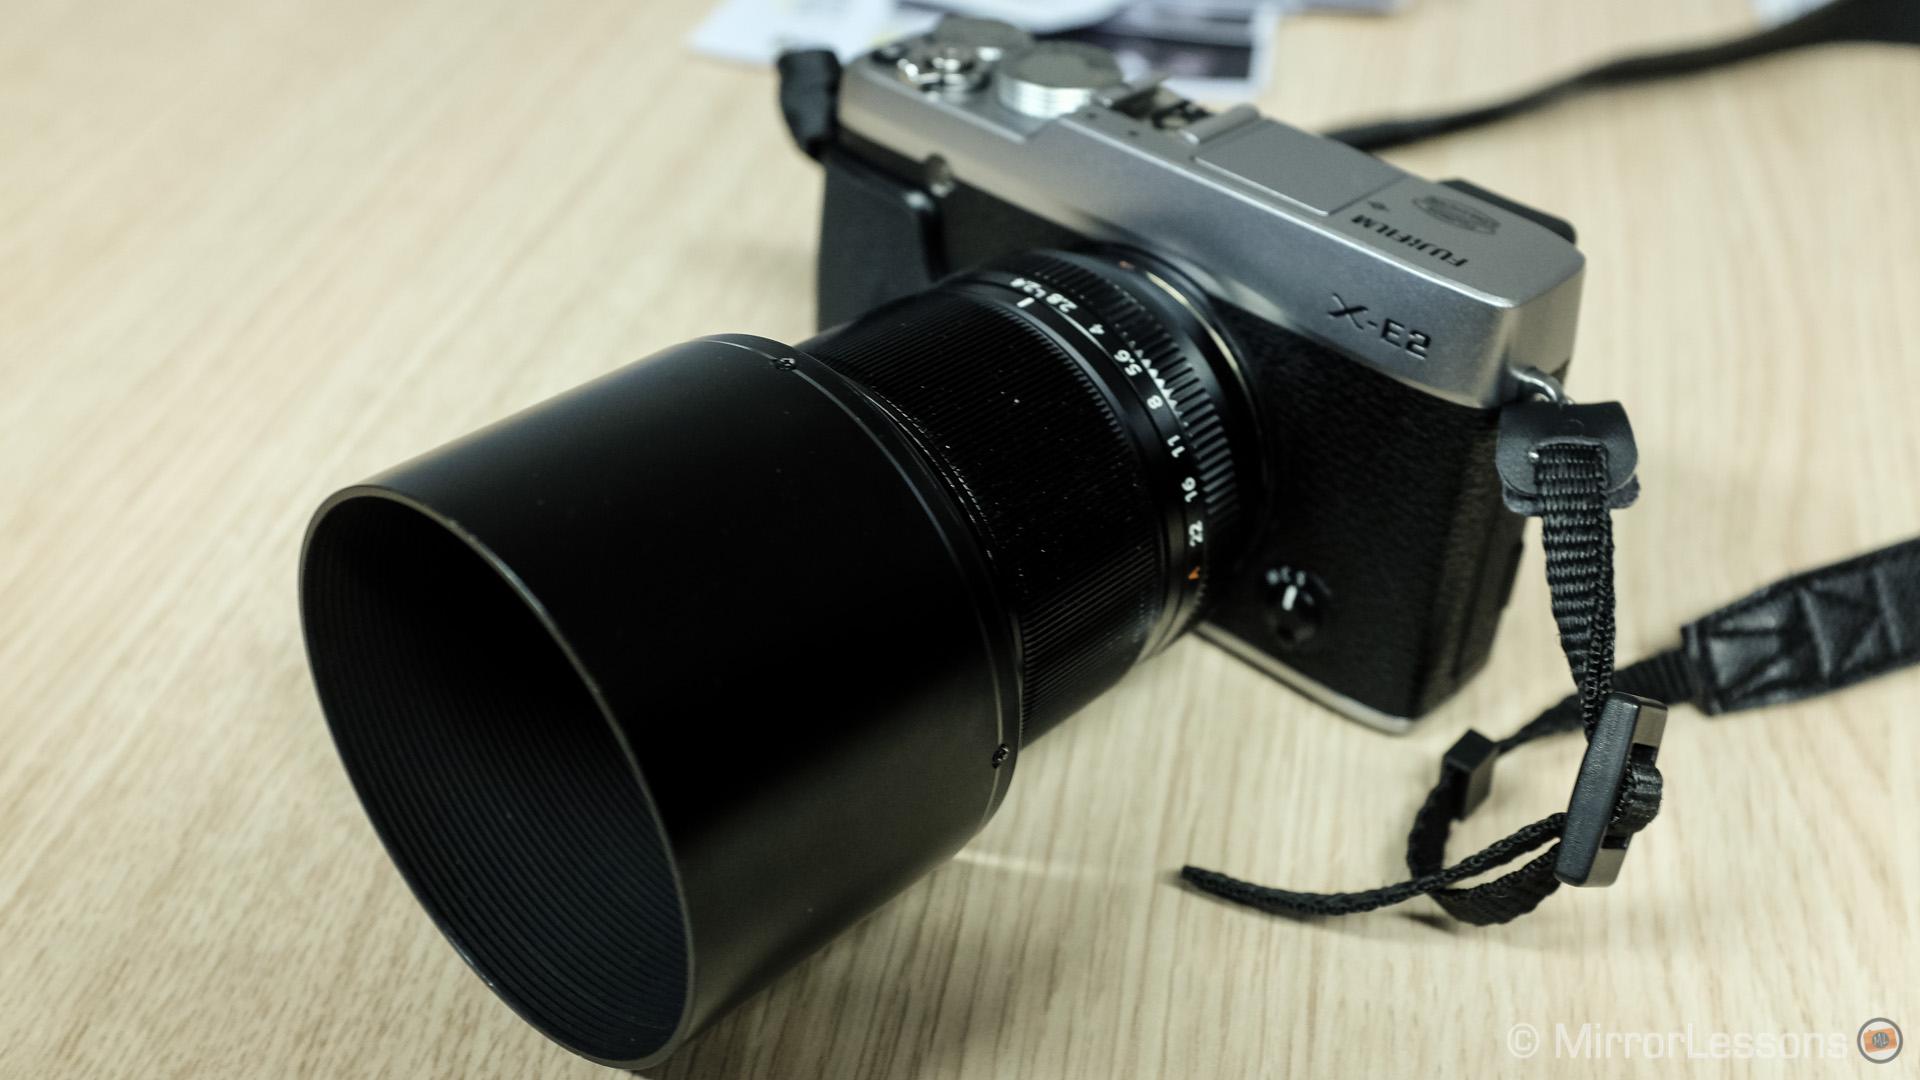 X100S, 1/50, f/ 4/1, ISO 1600